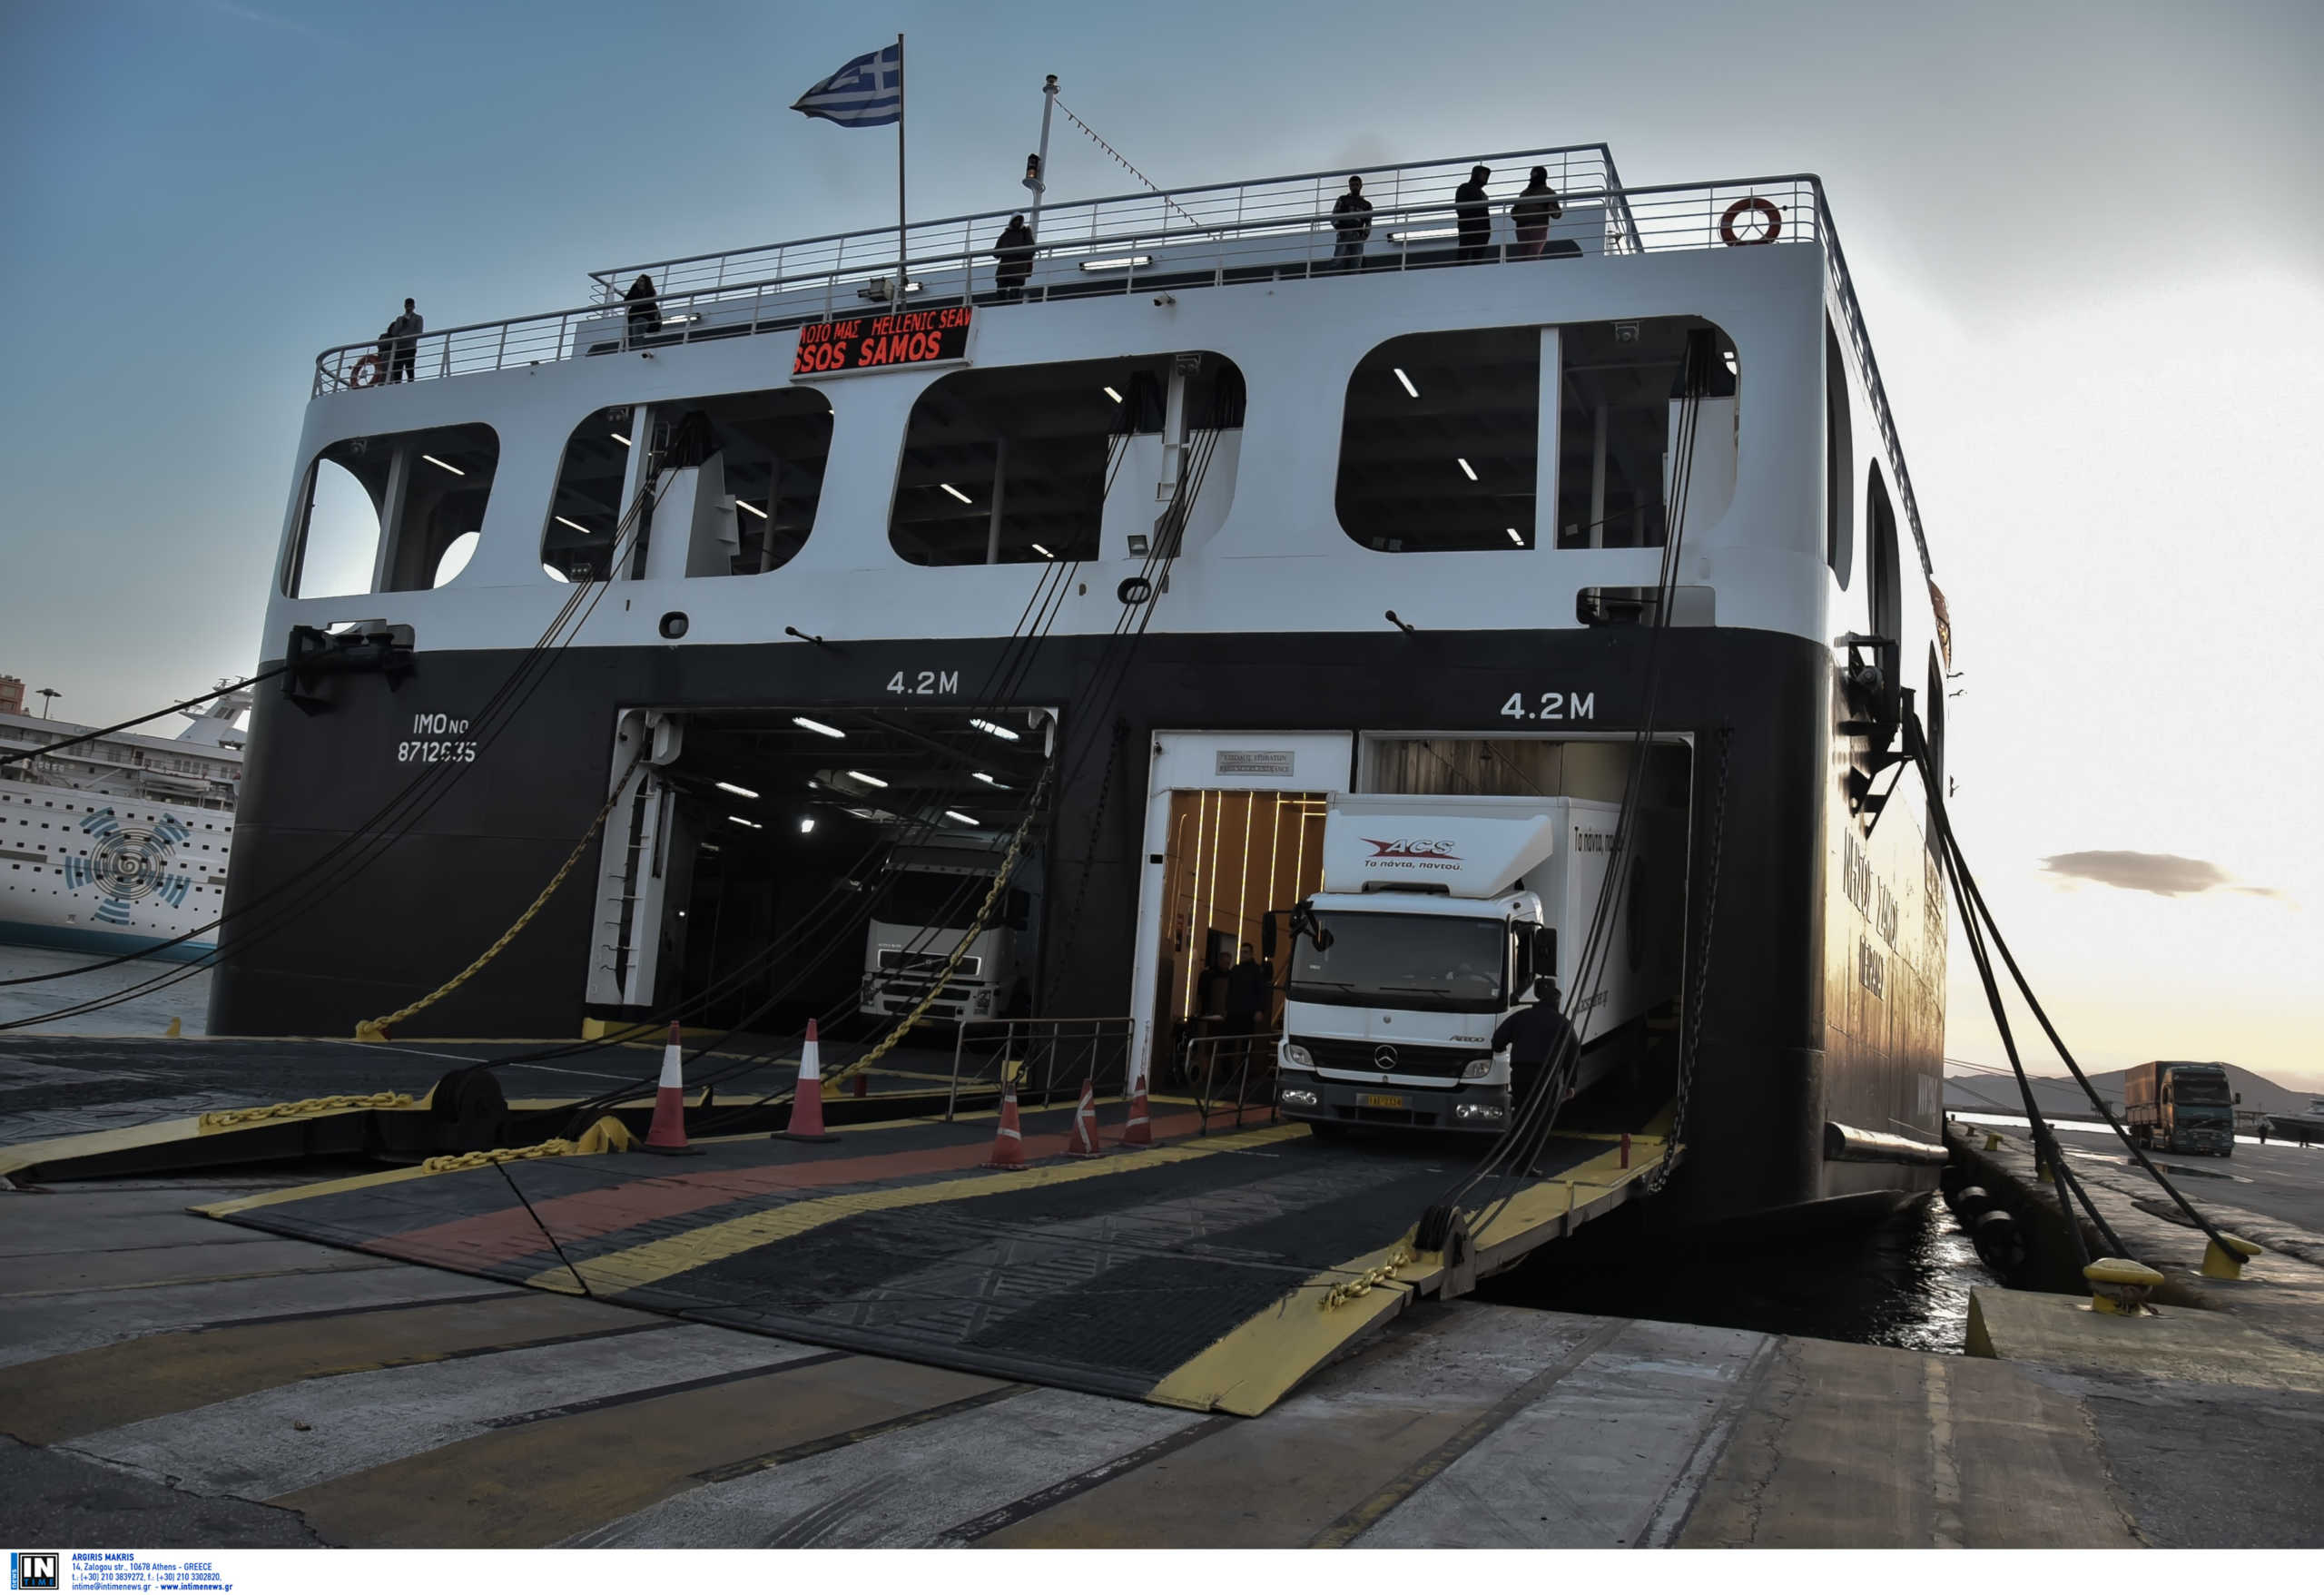 """Σηκώνουν άγκυρες τα πλοία! """"Ανοίγουν"""" όλες οι μετακινήσεις προς τα νησιά – Η διαδικασία και τα μέτρα ασφαλείας"""